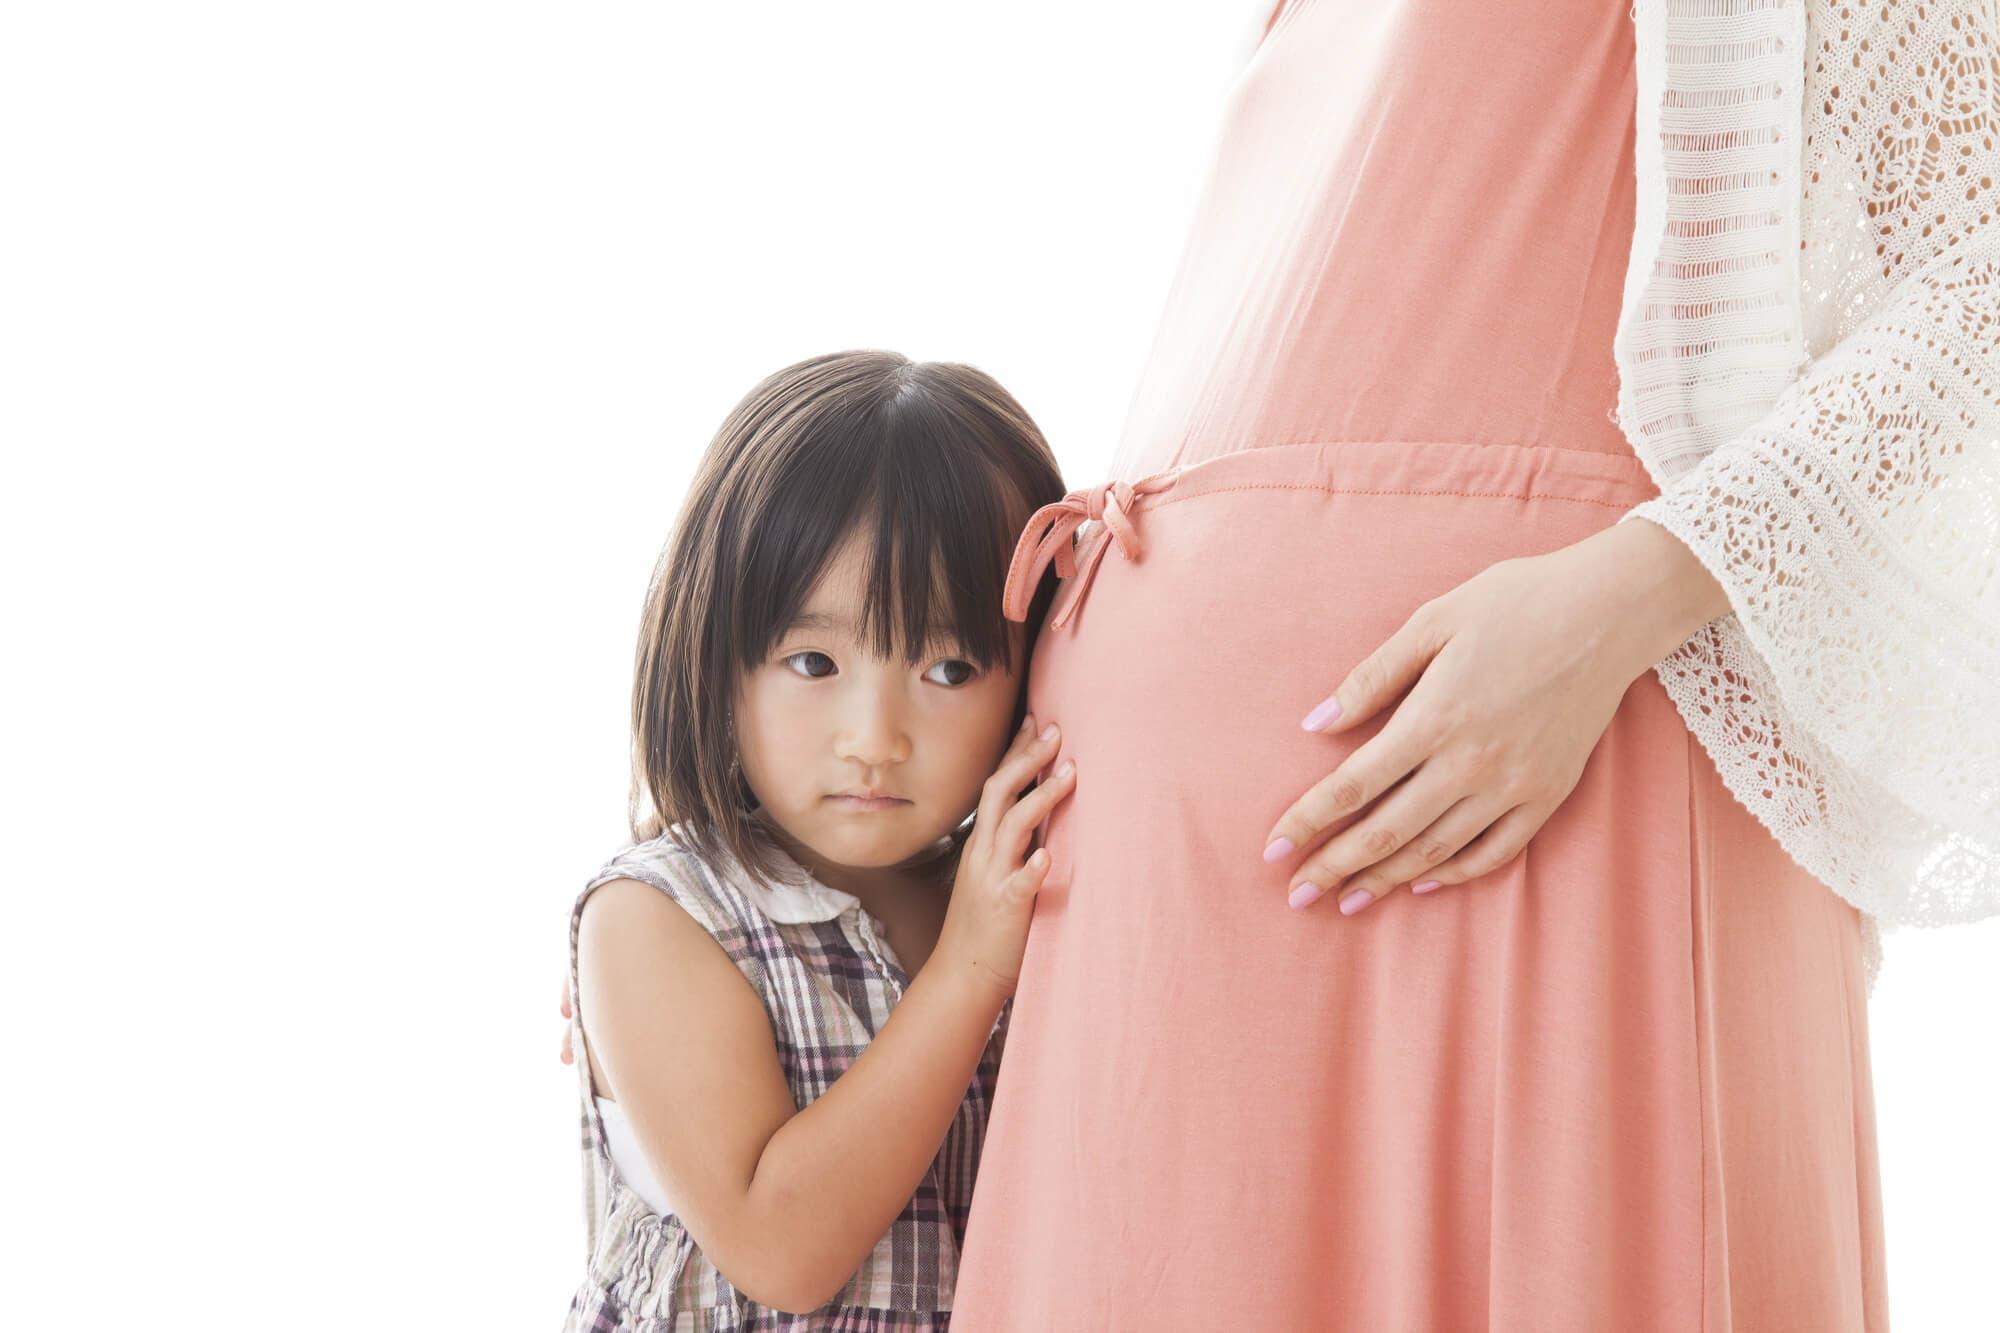 胎動はいつから?さまざまな胎動の種類について